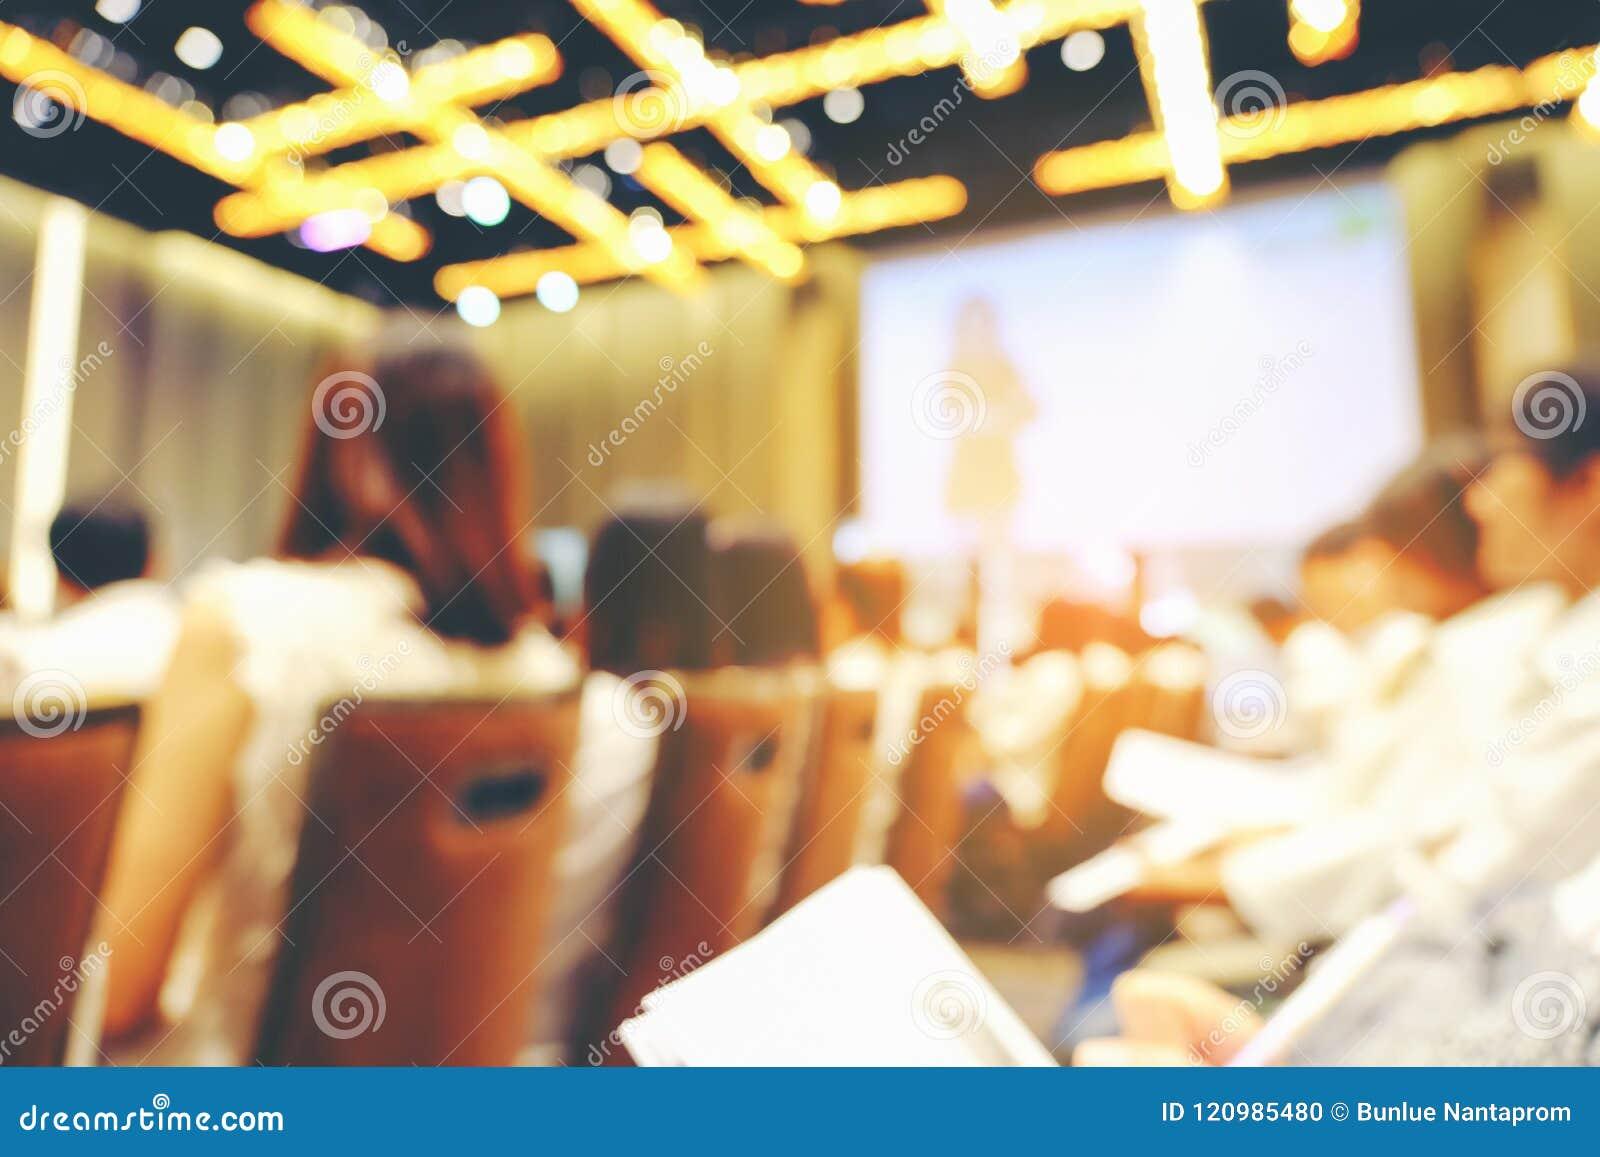 Soustrayez les personnes brouillées faisant l atelier dans la chambre de formation, educati